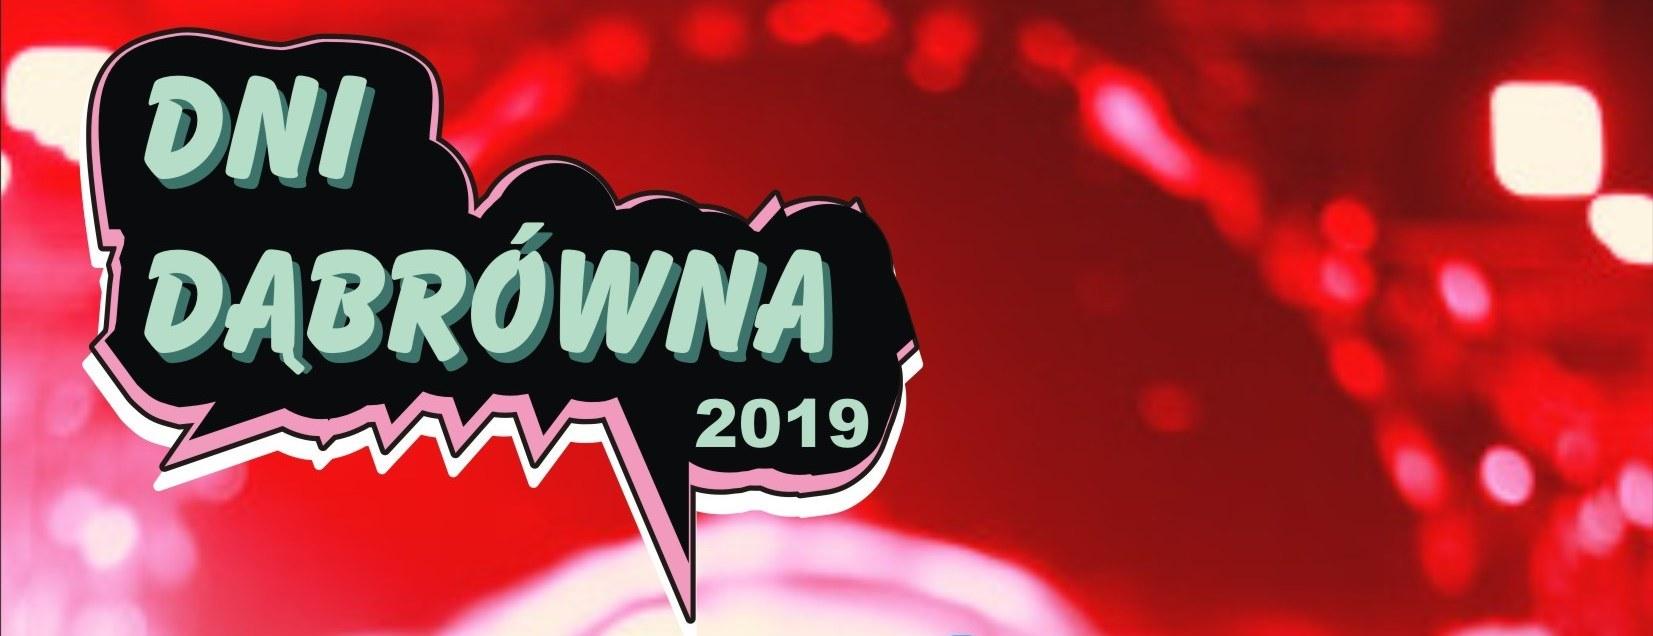 FESTIWAL DWÓCH JEZIOR czyli Dni Dąbrówna 2019 już zanami!!!!